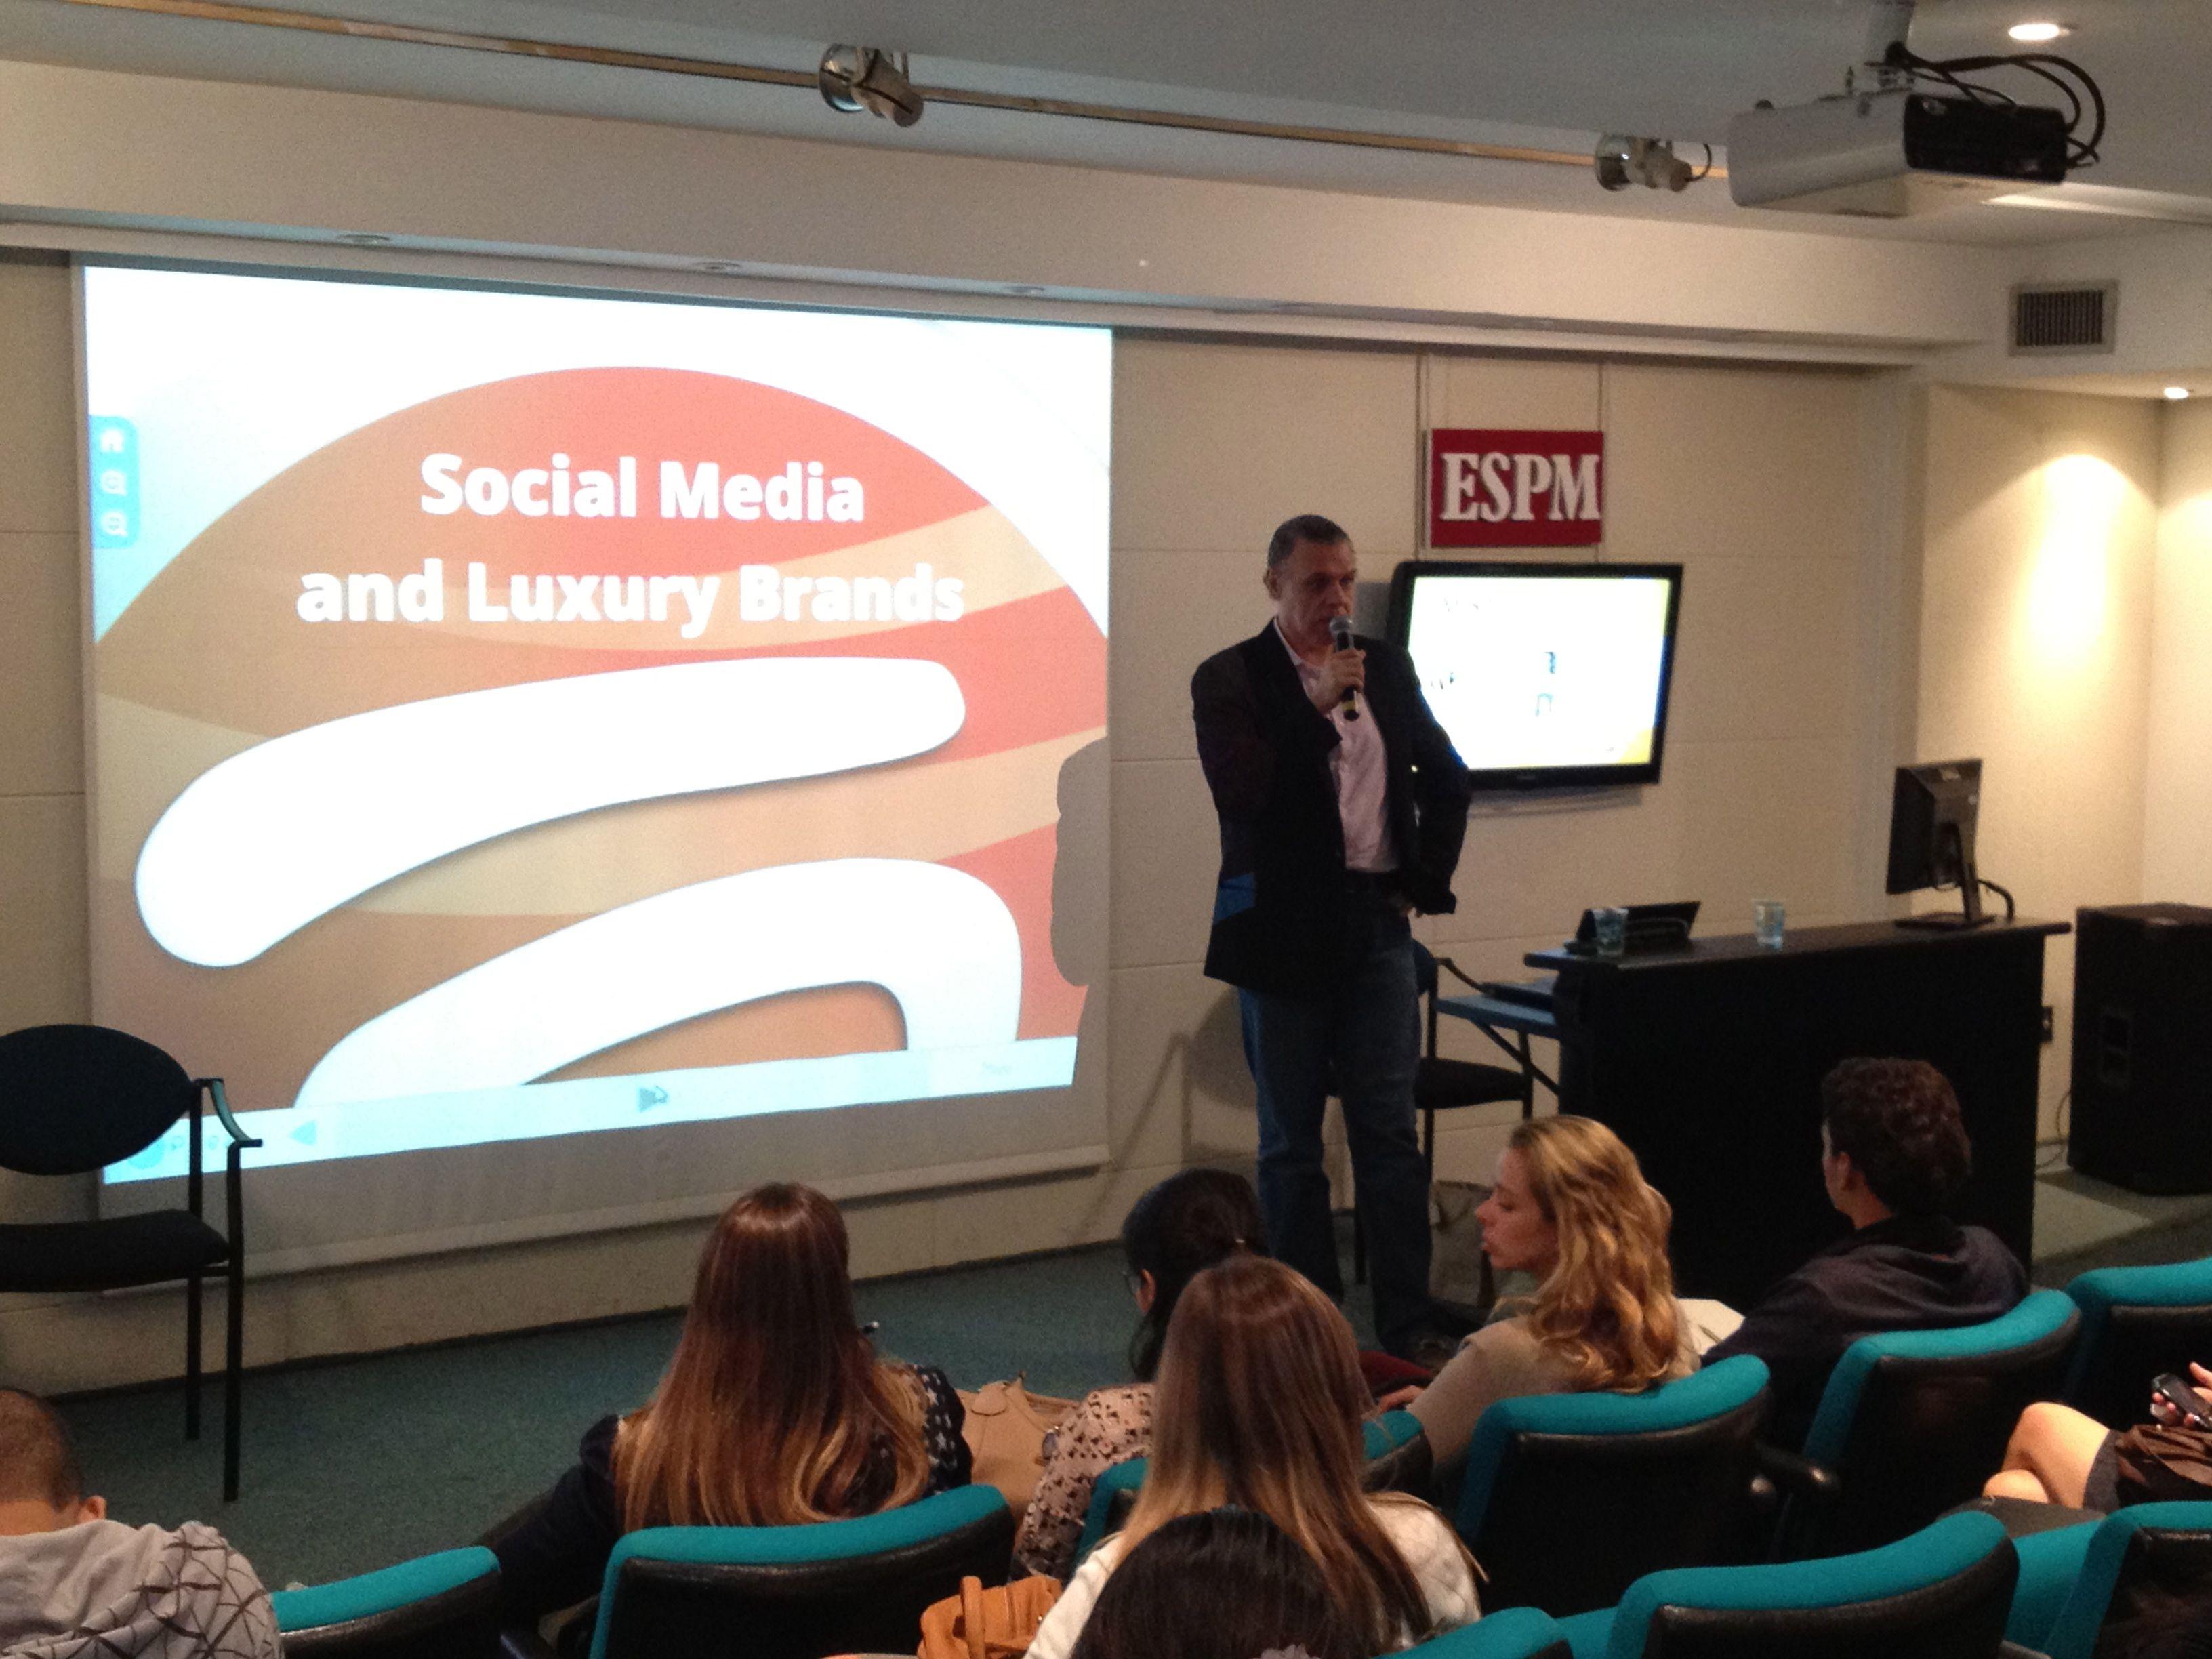 Loy Wanderley da Eloqt no MISTO da Ideia s/a na ESPM-RJ sobre Mercado de Luxo e Mídias Sociais.